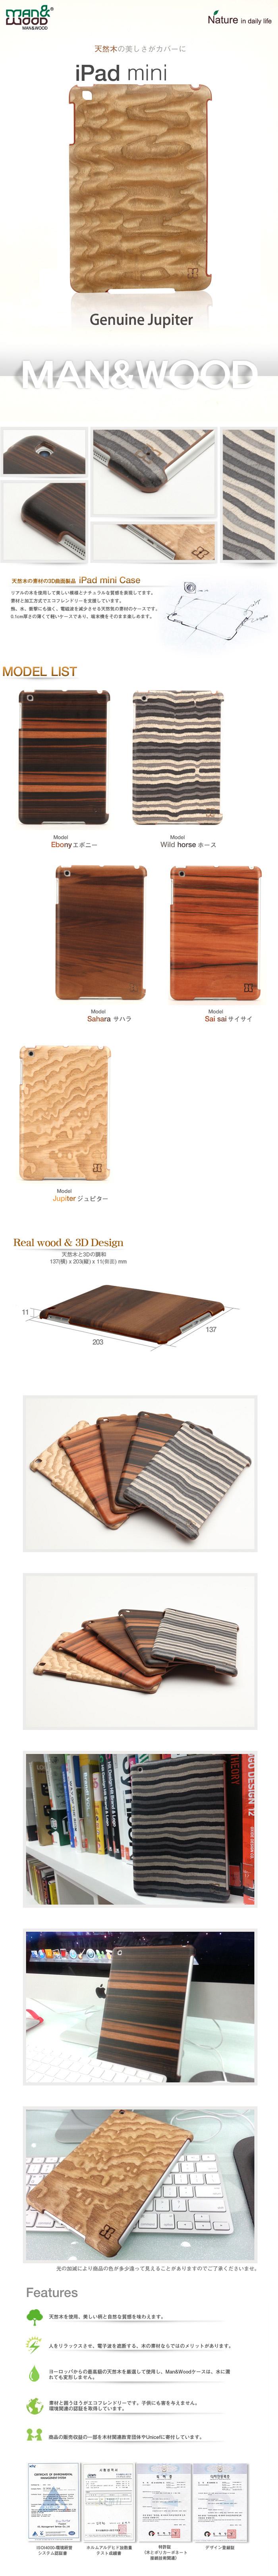 商品詳細-iPadminiケース